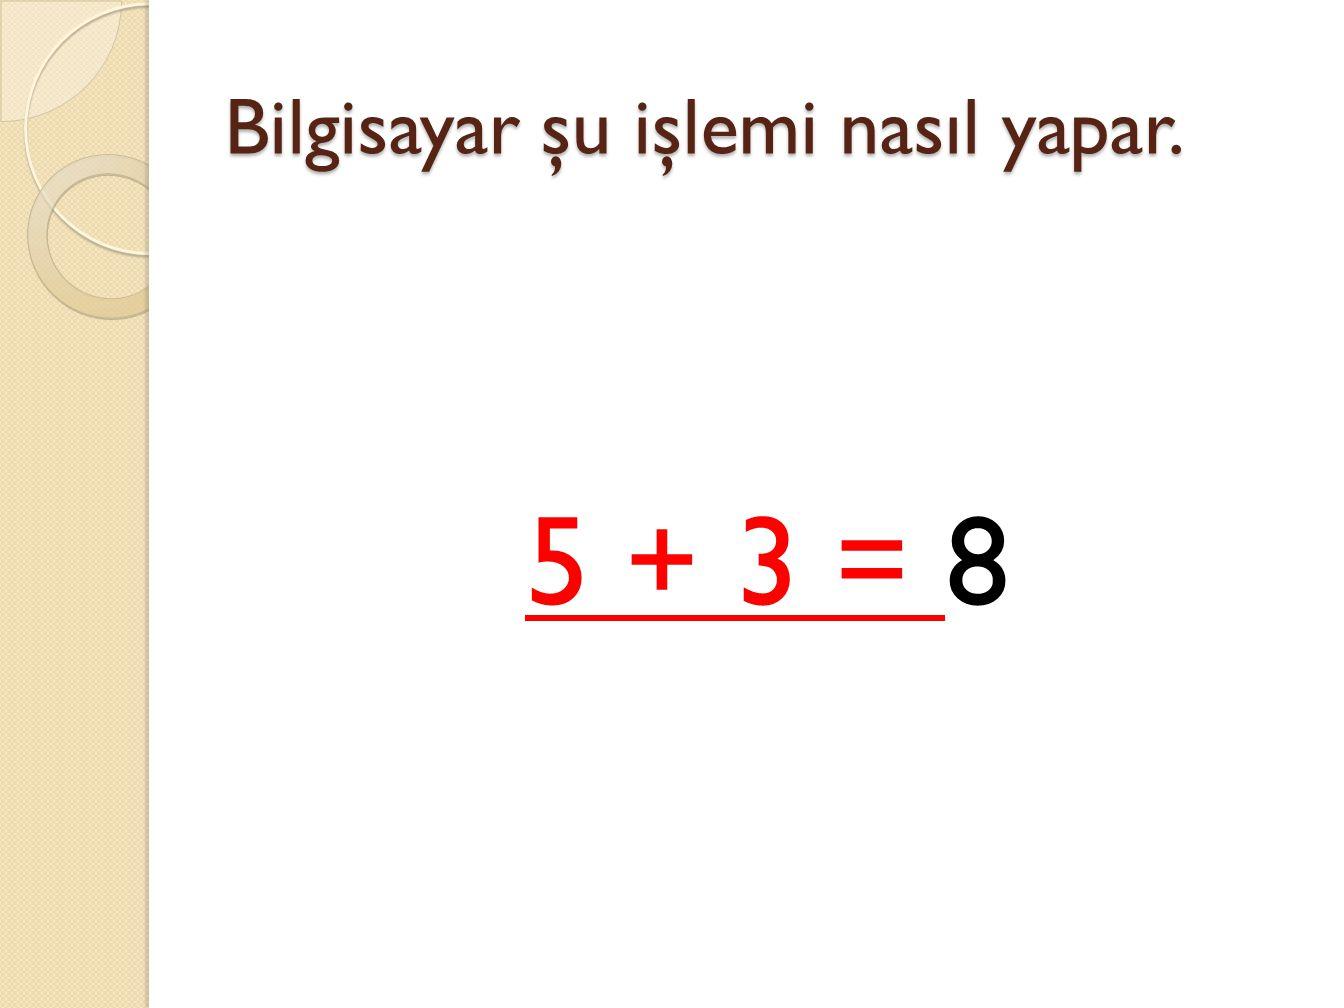 Bilgisayar şu işlemi nasıl yapar. 5 + 3 = 8